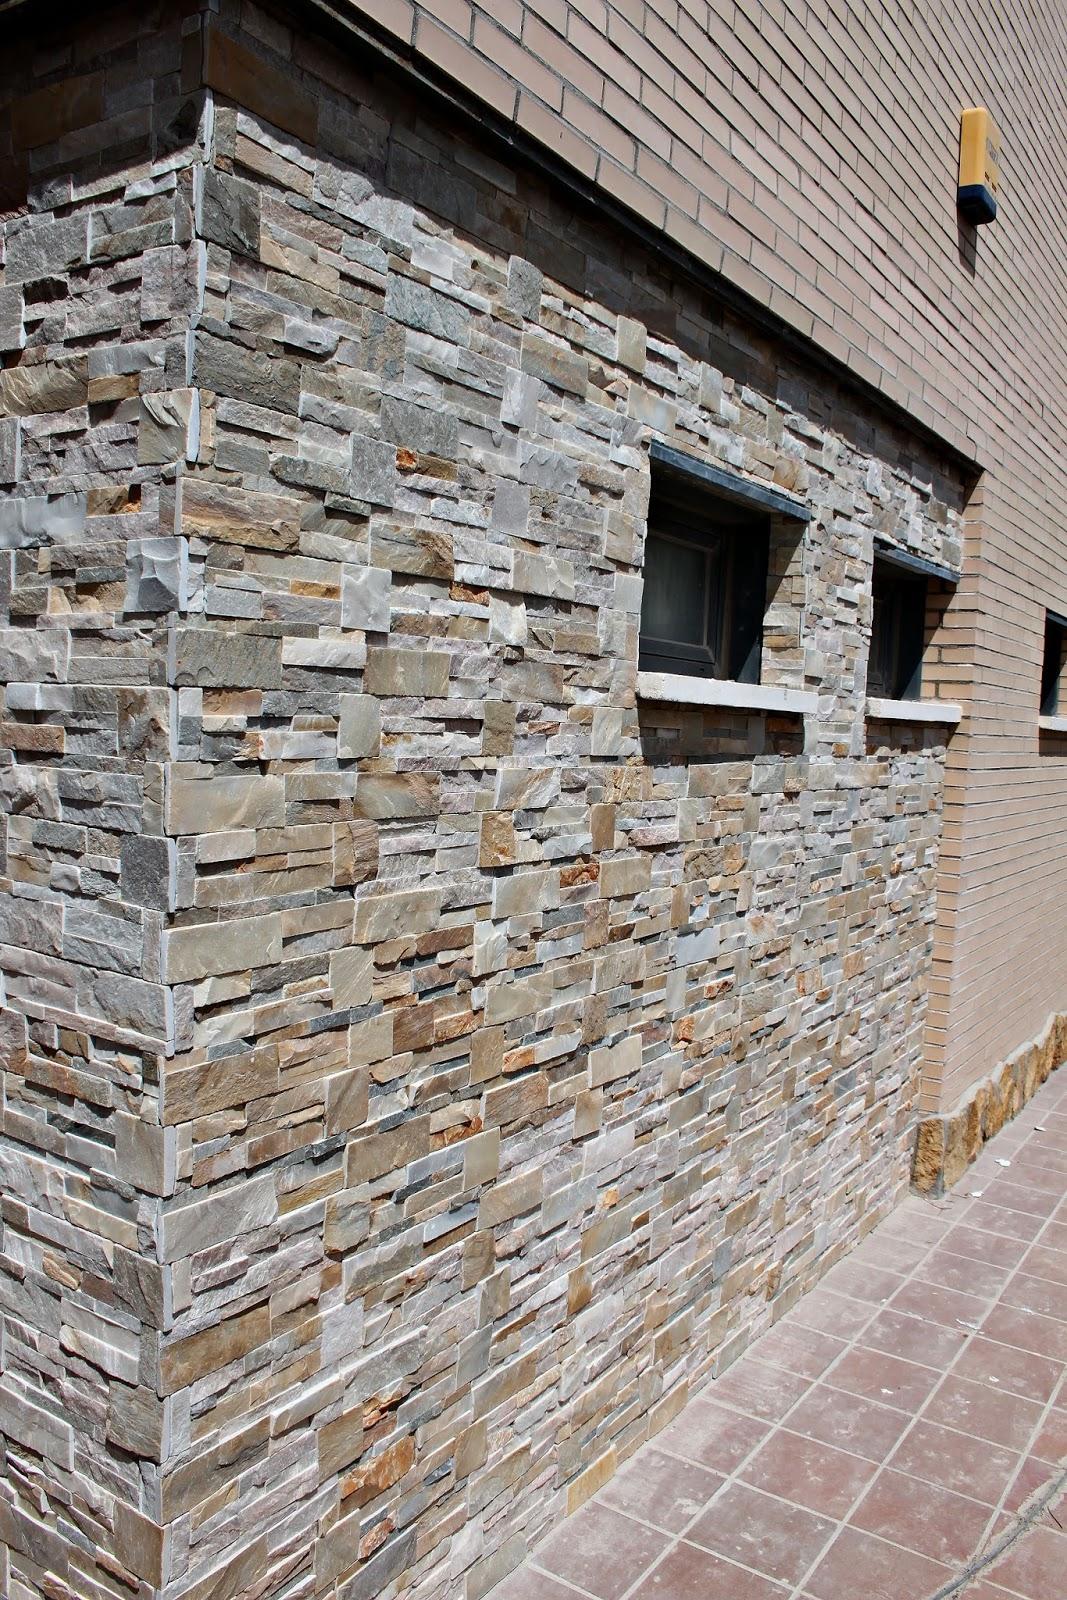 Reformas y pavimentos - Fachadas de piedra natural ...